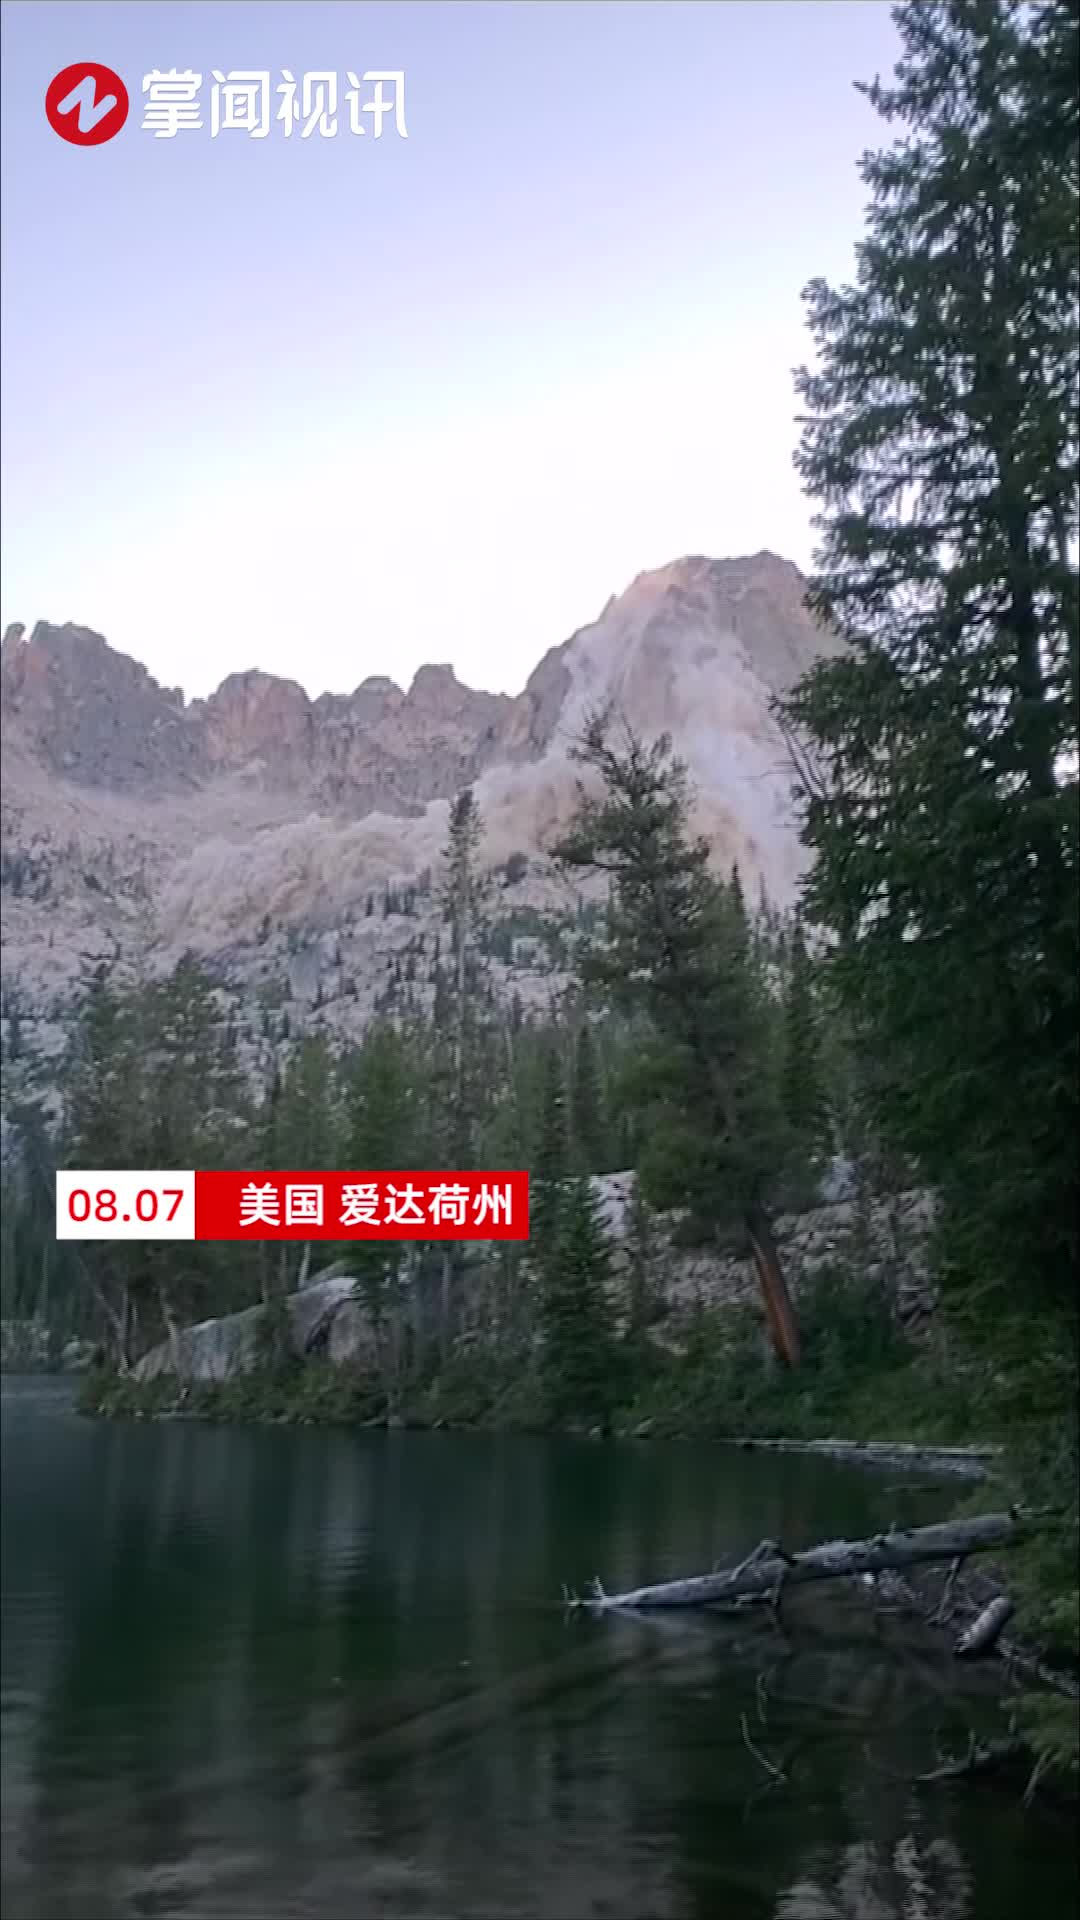 徒步者在山间遇地震 见山顶落石灰尘滚滚而来如同雪崩